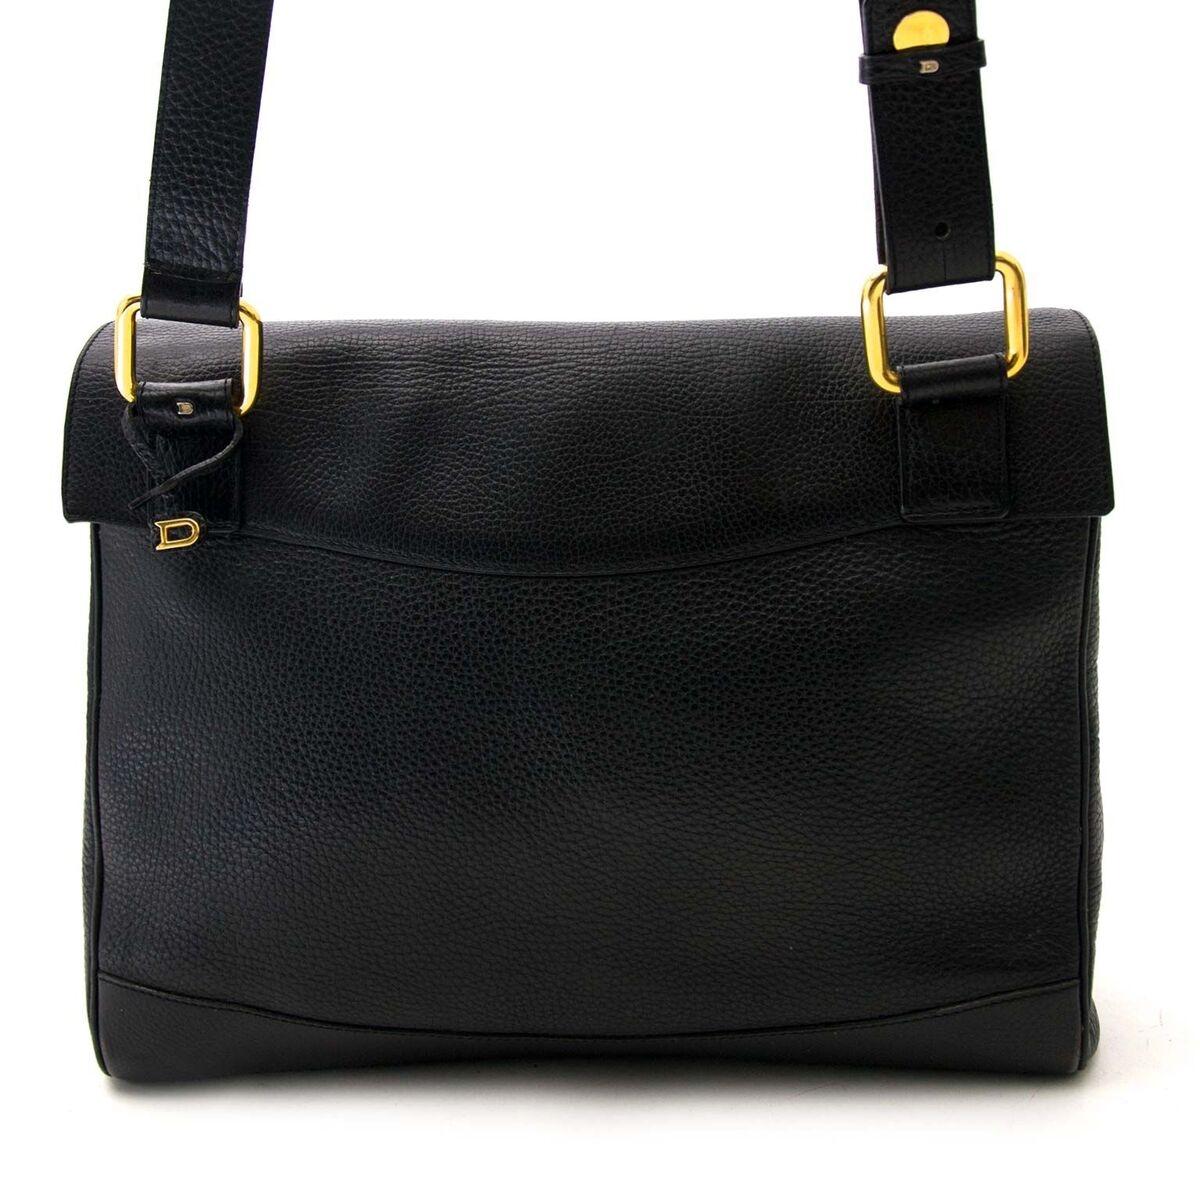 Koop authentieke tweedehands Delvaux handtas aan een eerlijke prijs bij LabelLOV. Veilig online shoppen.